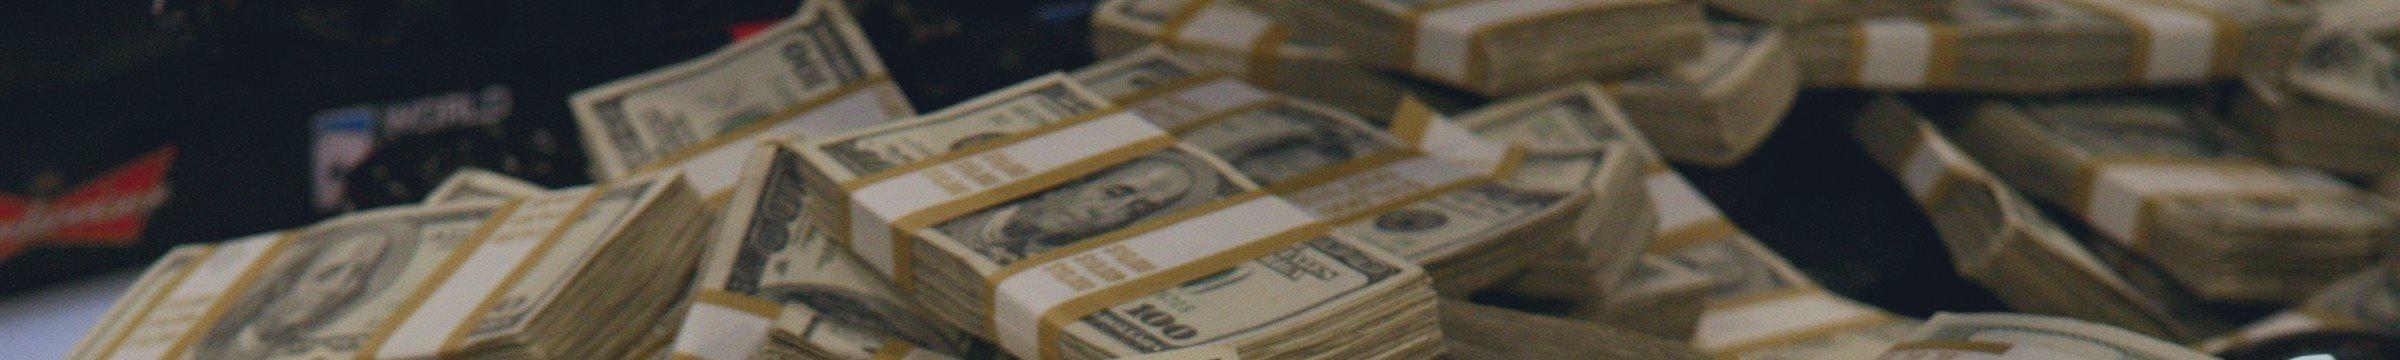 Блумберг обновил рейтинг пятисот самых богатых людей мира